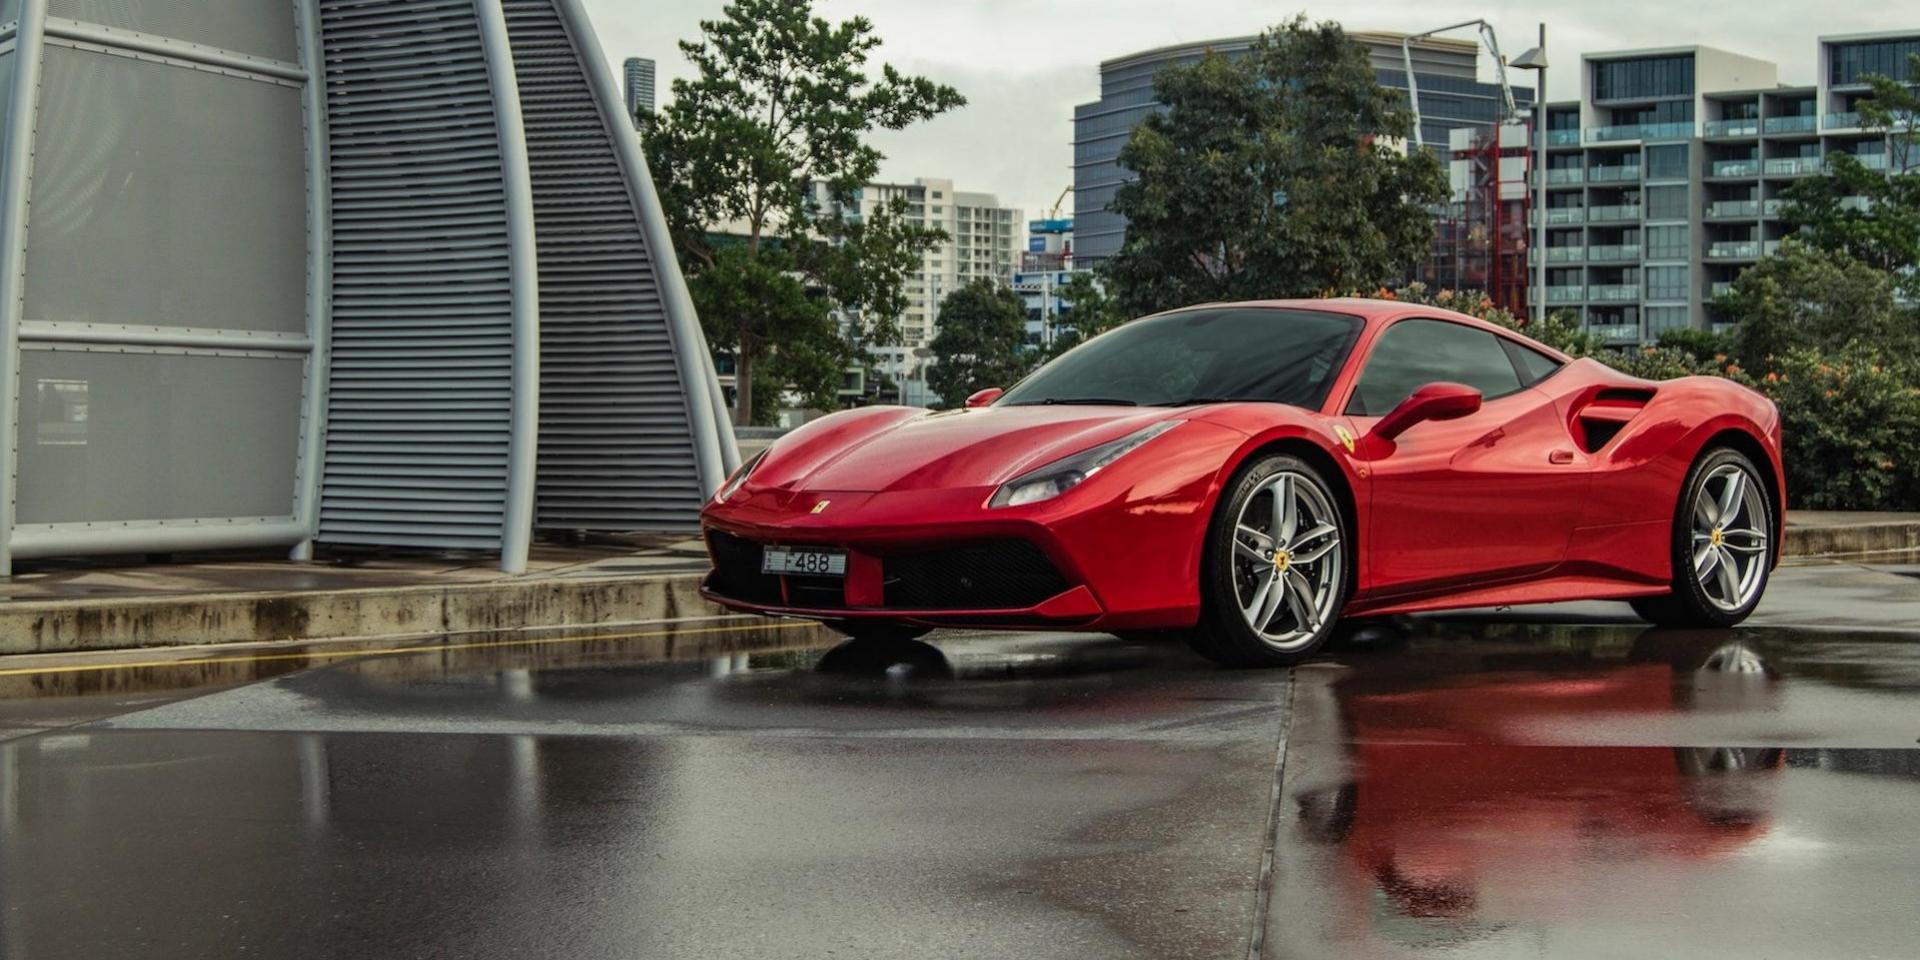 在Ferrari上班買不了全新的Ferrari, 想要的話只能找二手車